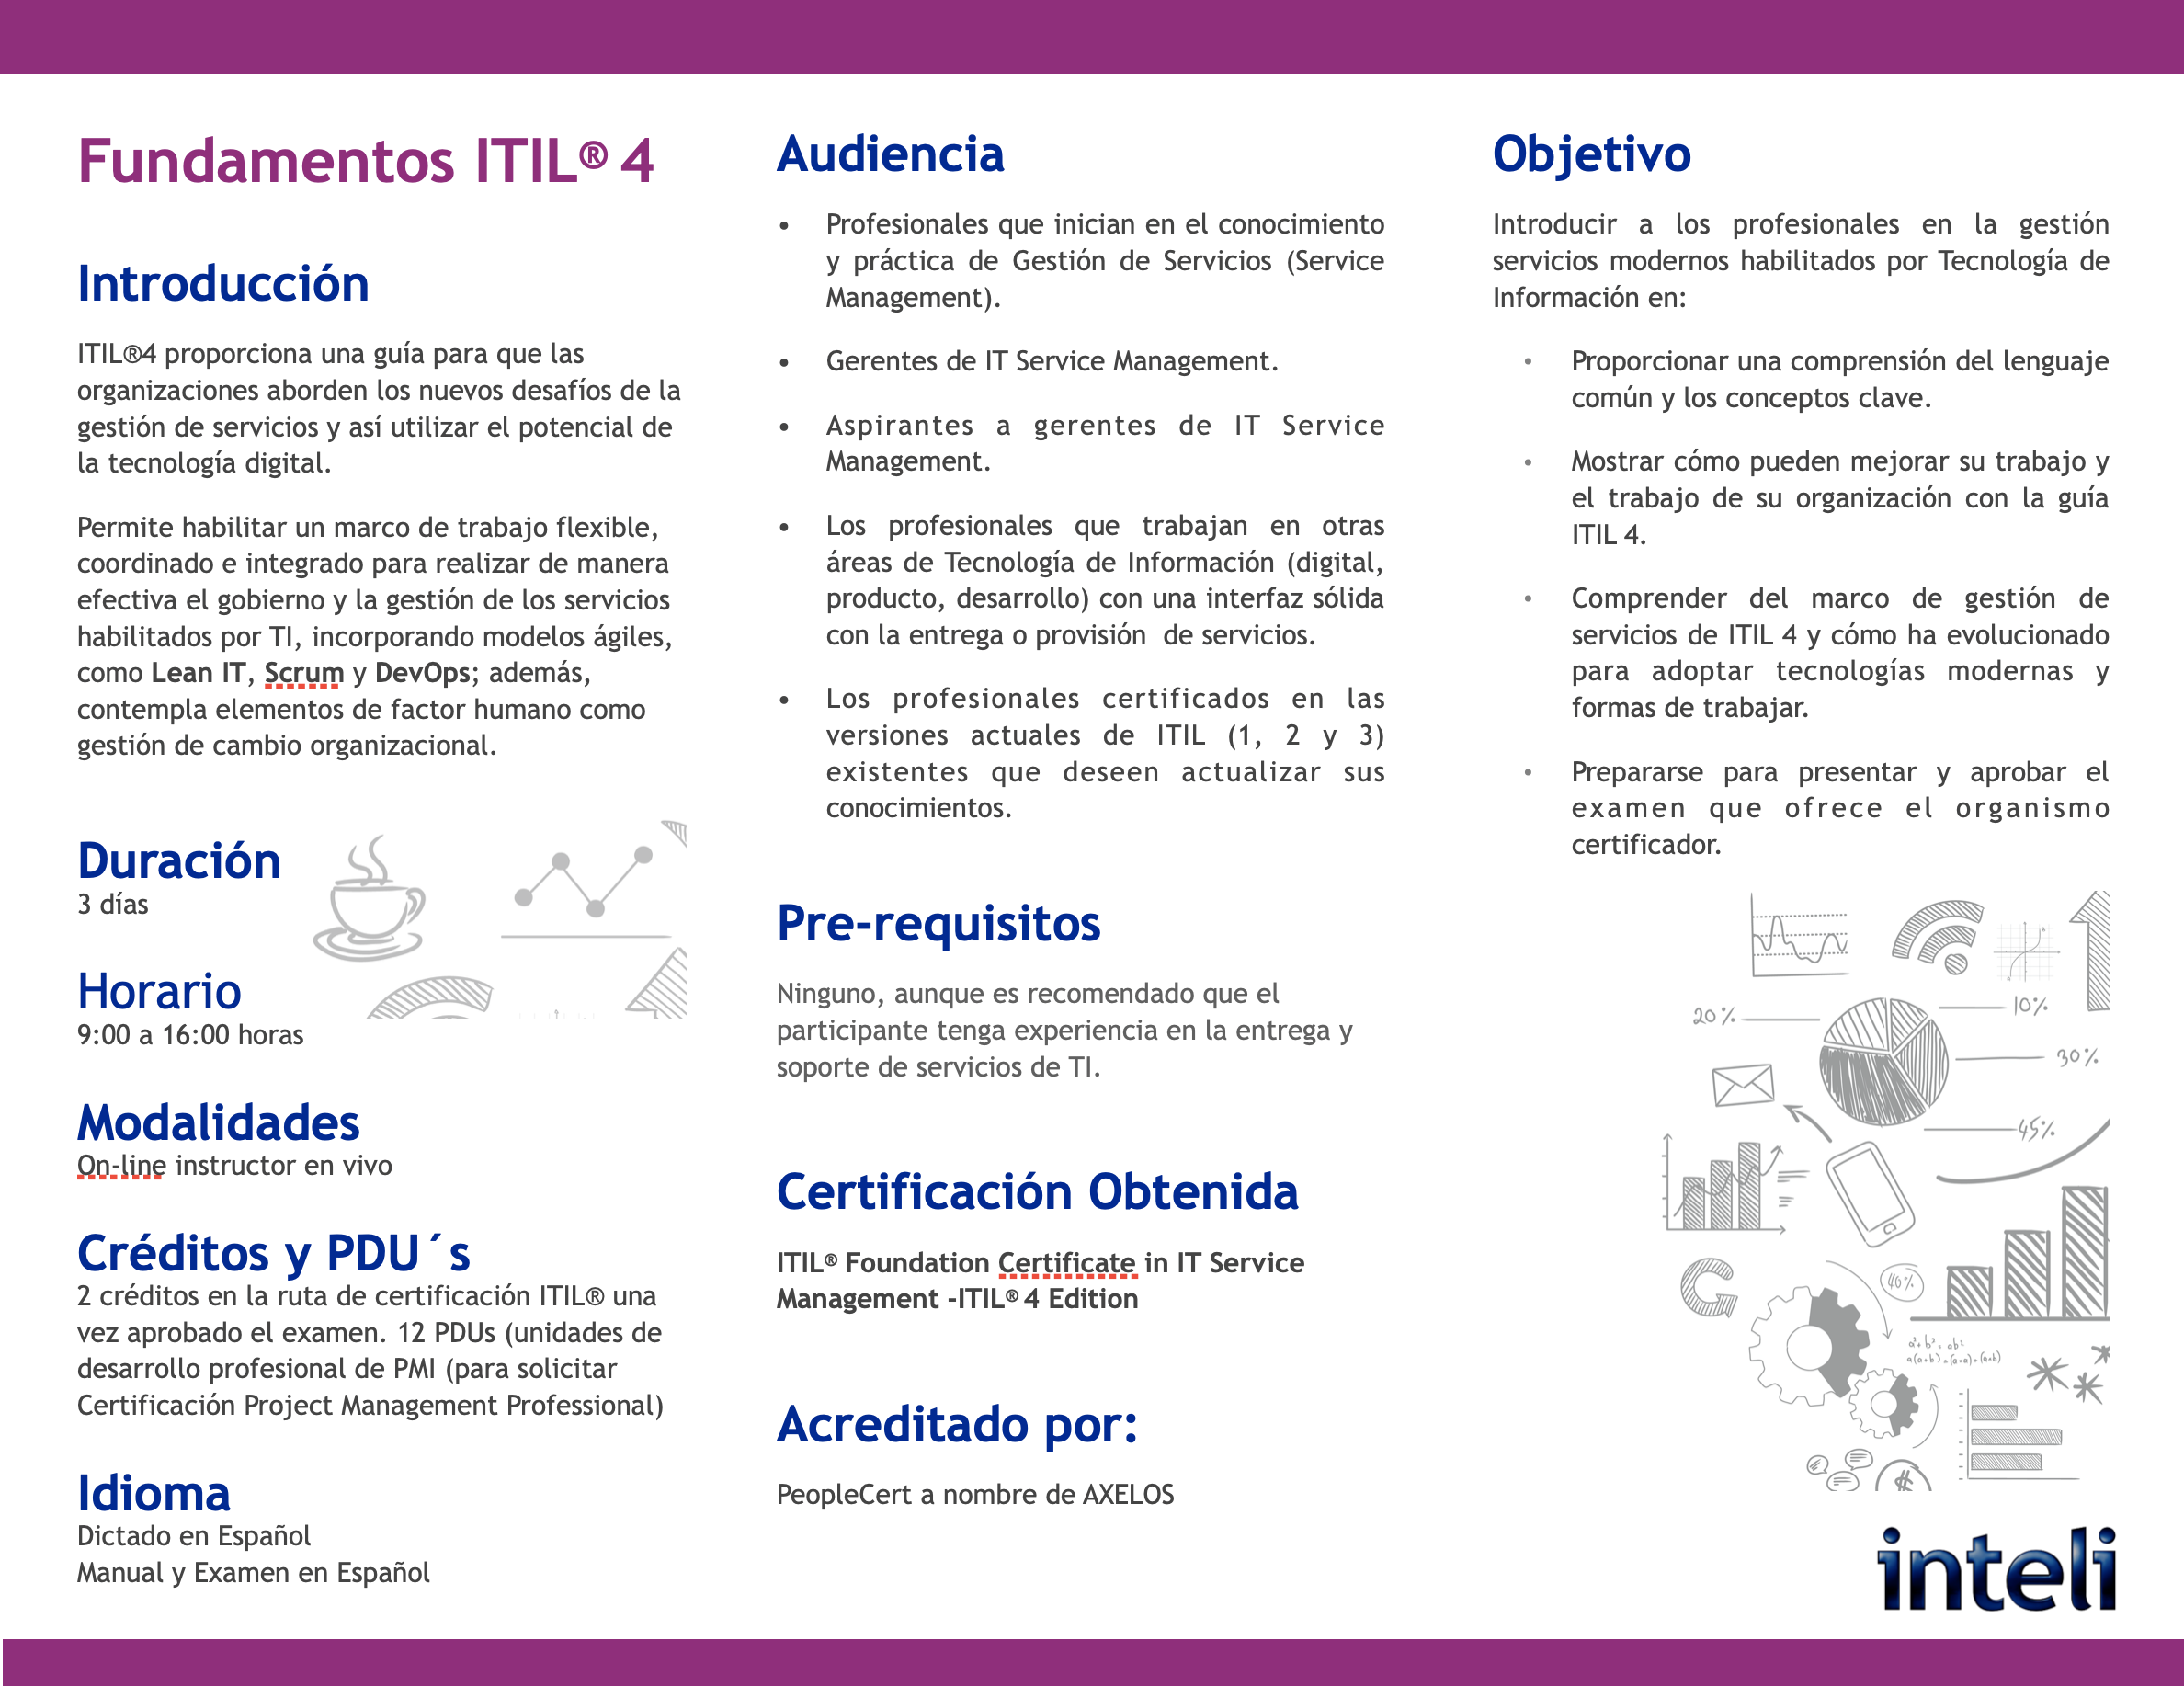 fundamentos ITIL 4 1 de 2